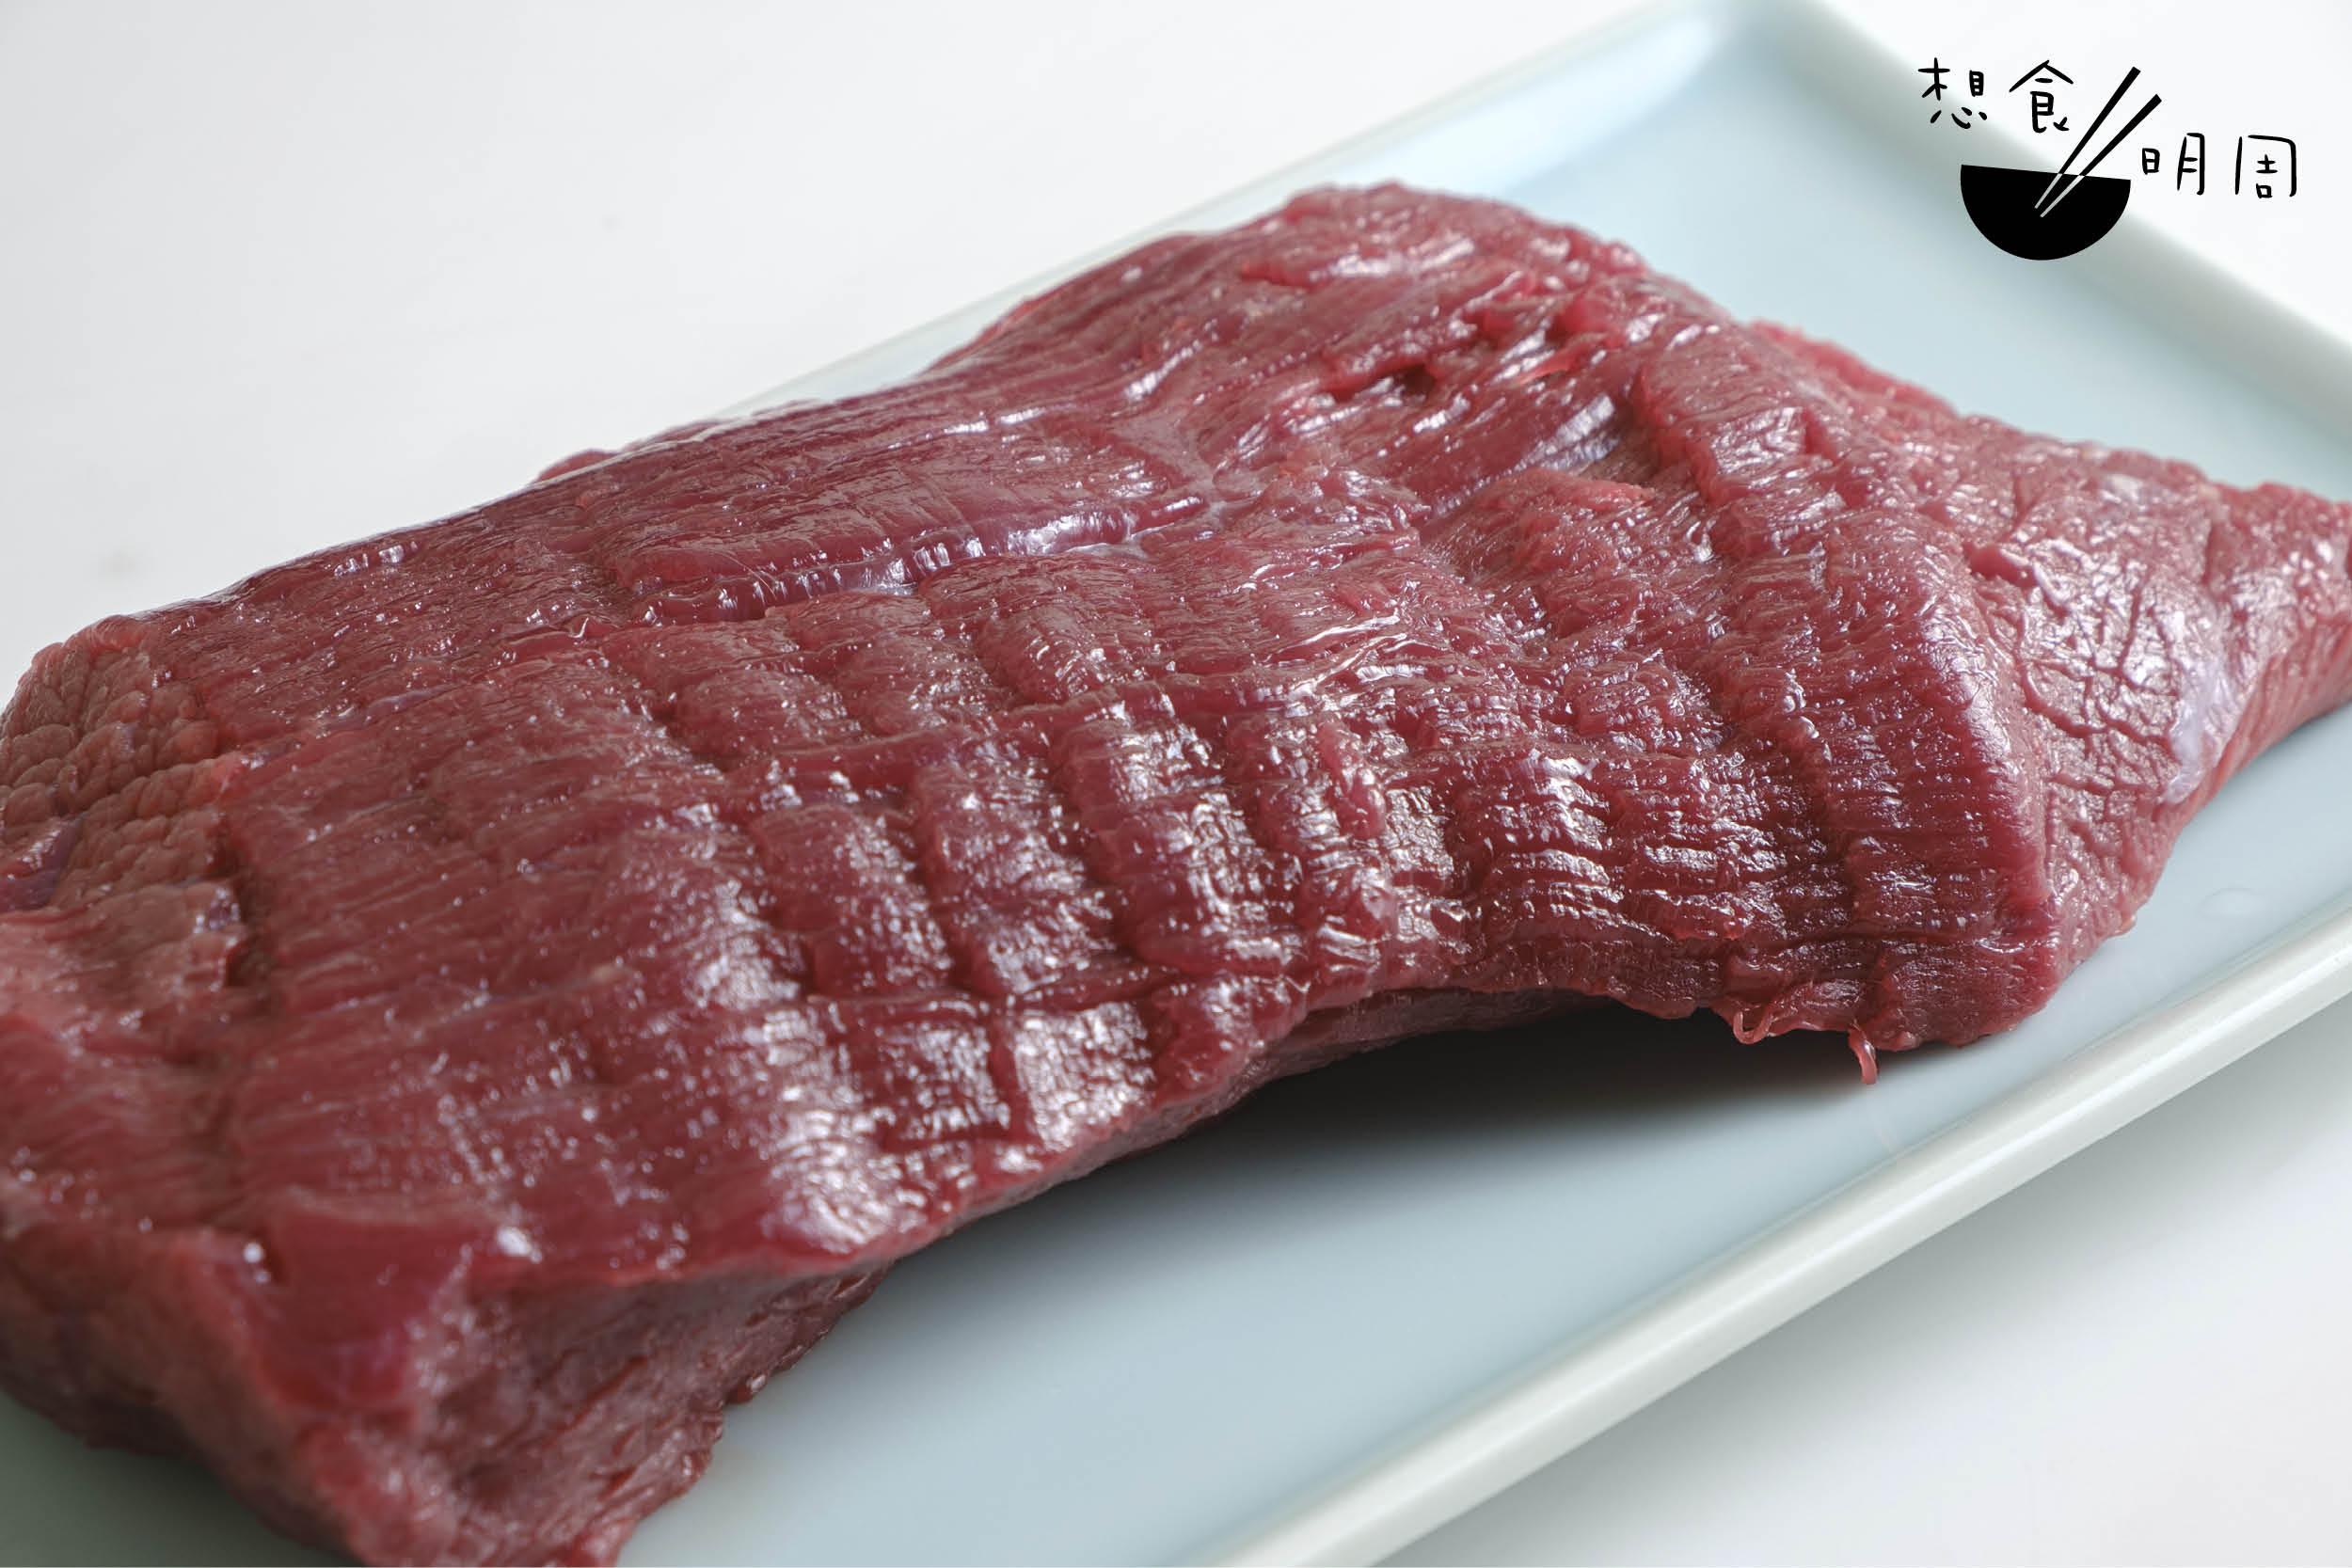 每日新鮮送抵的牛大腿內側,肉色暗紅。